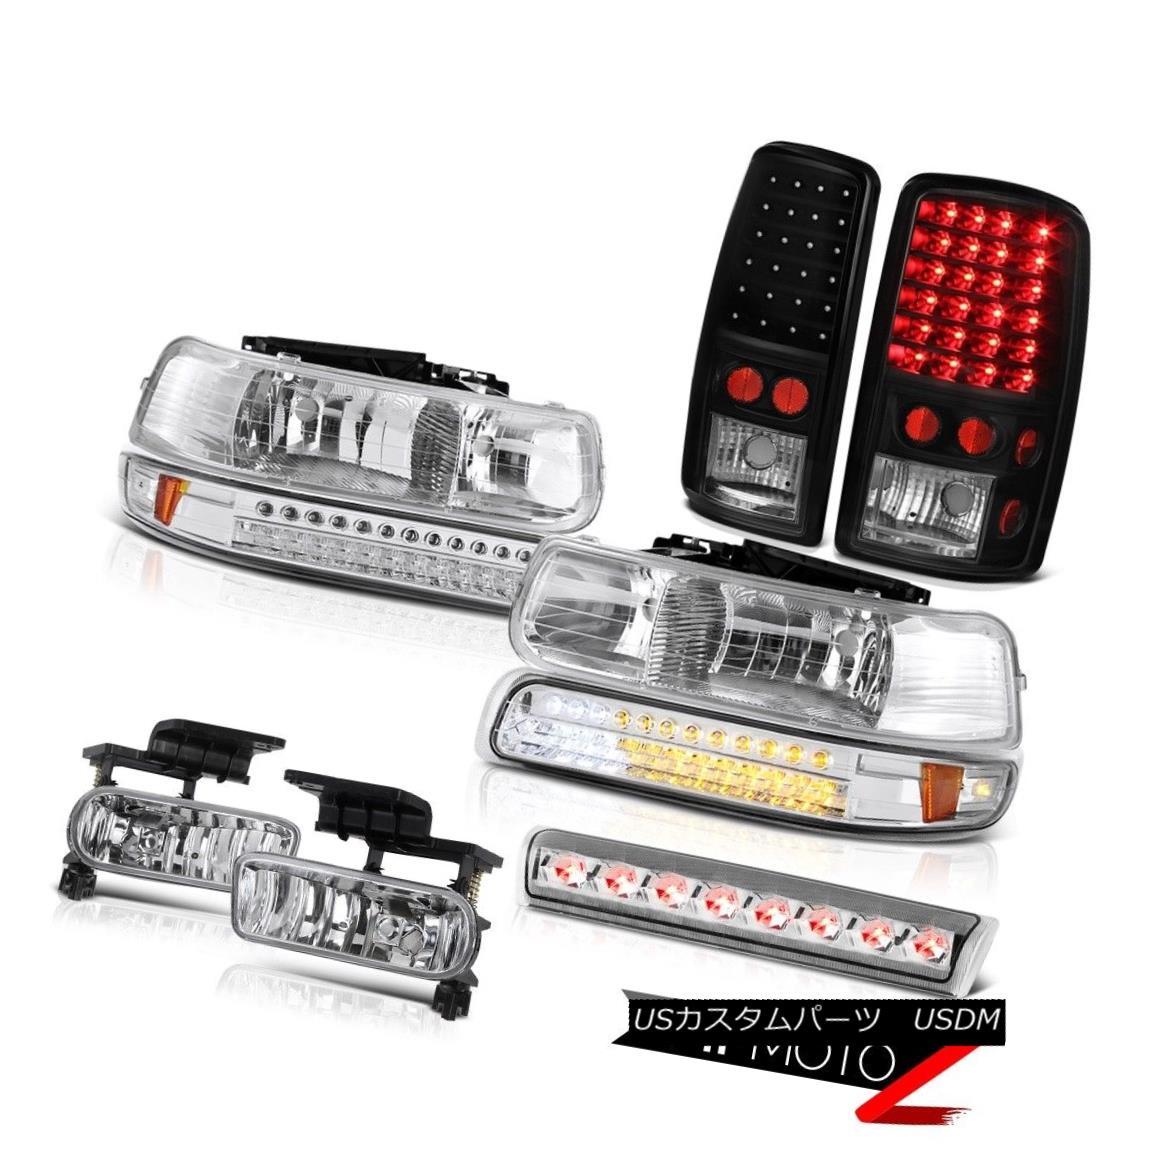 テールライト 00-06 Chevy Tahoe LS Headlamps matte black taillamps foglamps third brake light 00-06 Chevy Tahoe LSヘッドランプマットブラックテールライトフォグランプ第3ブレーキライト